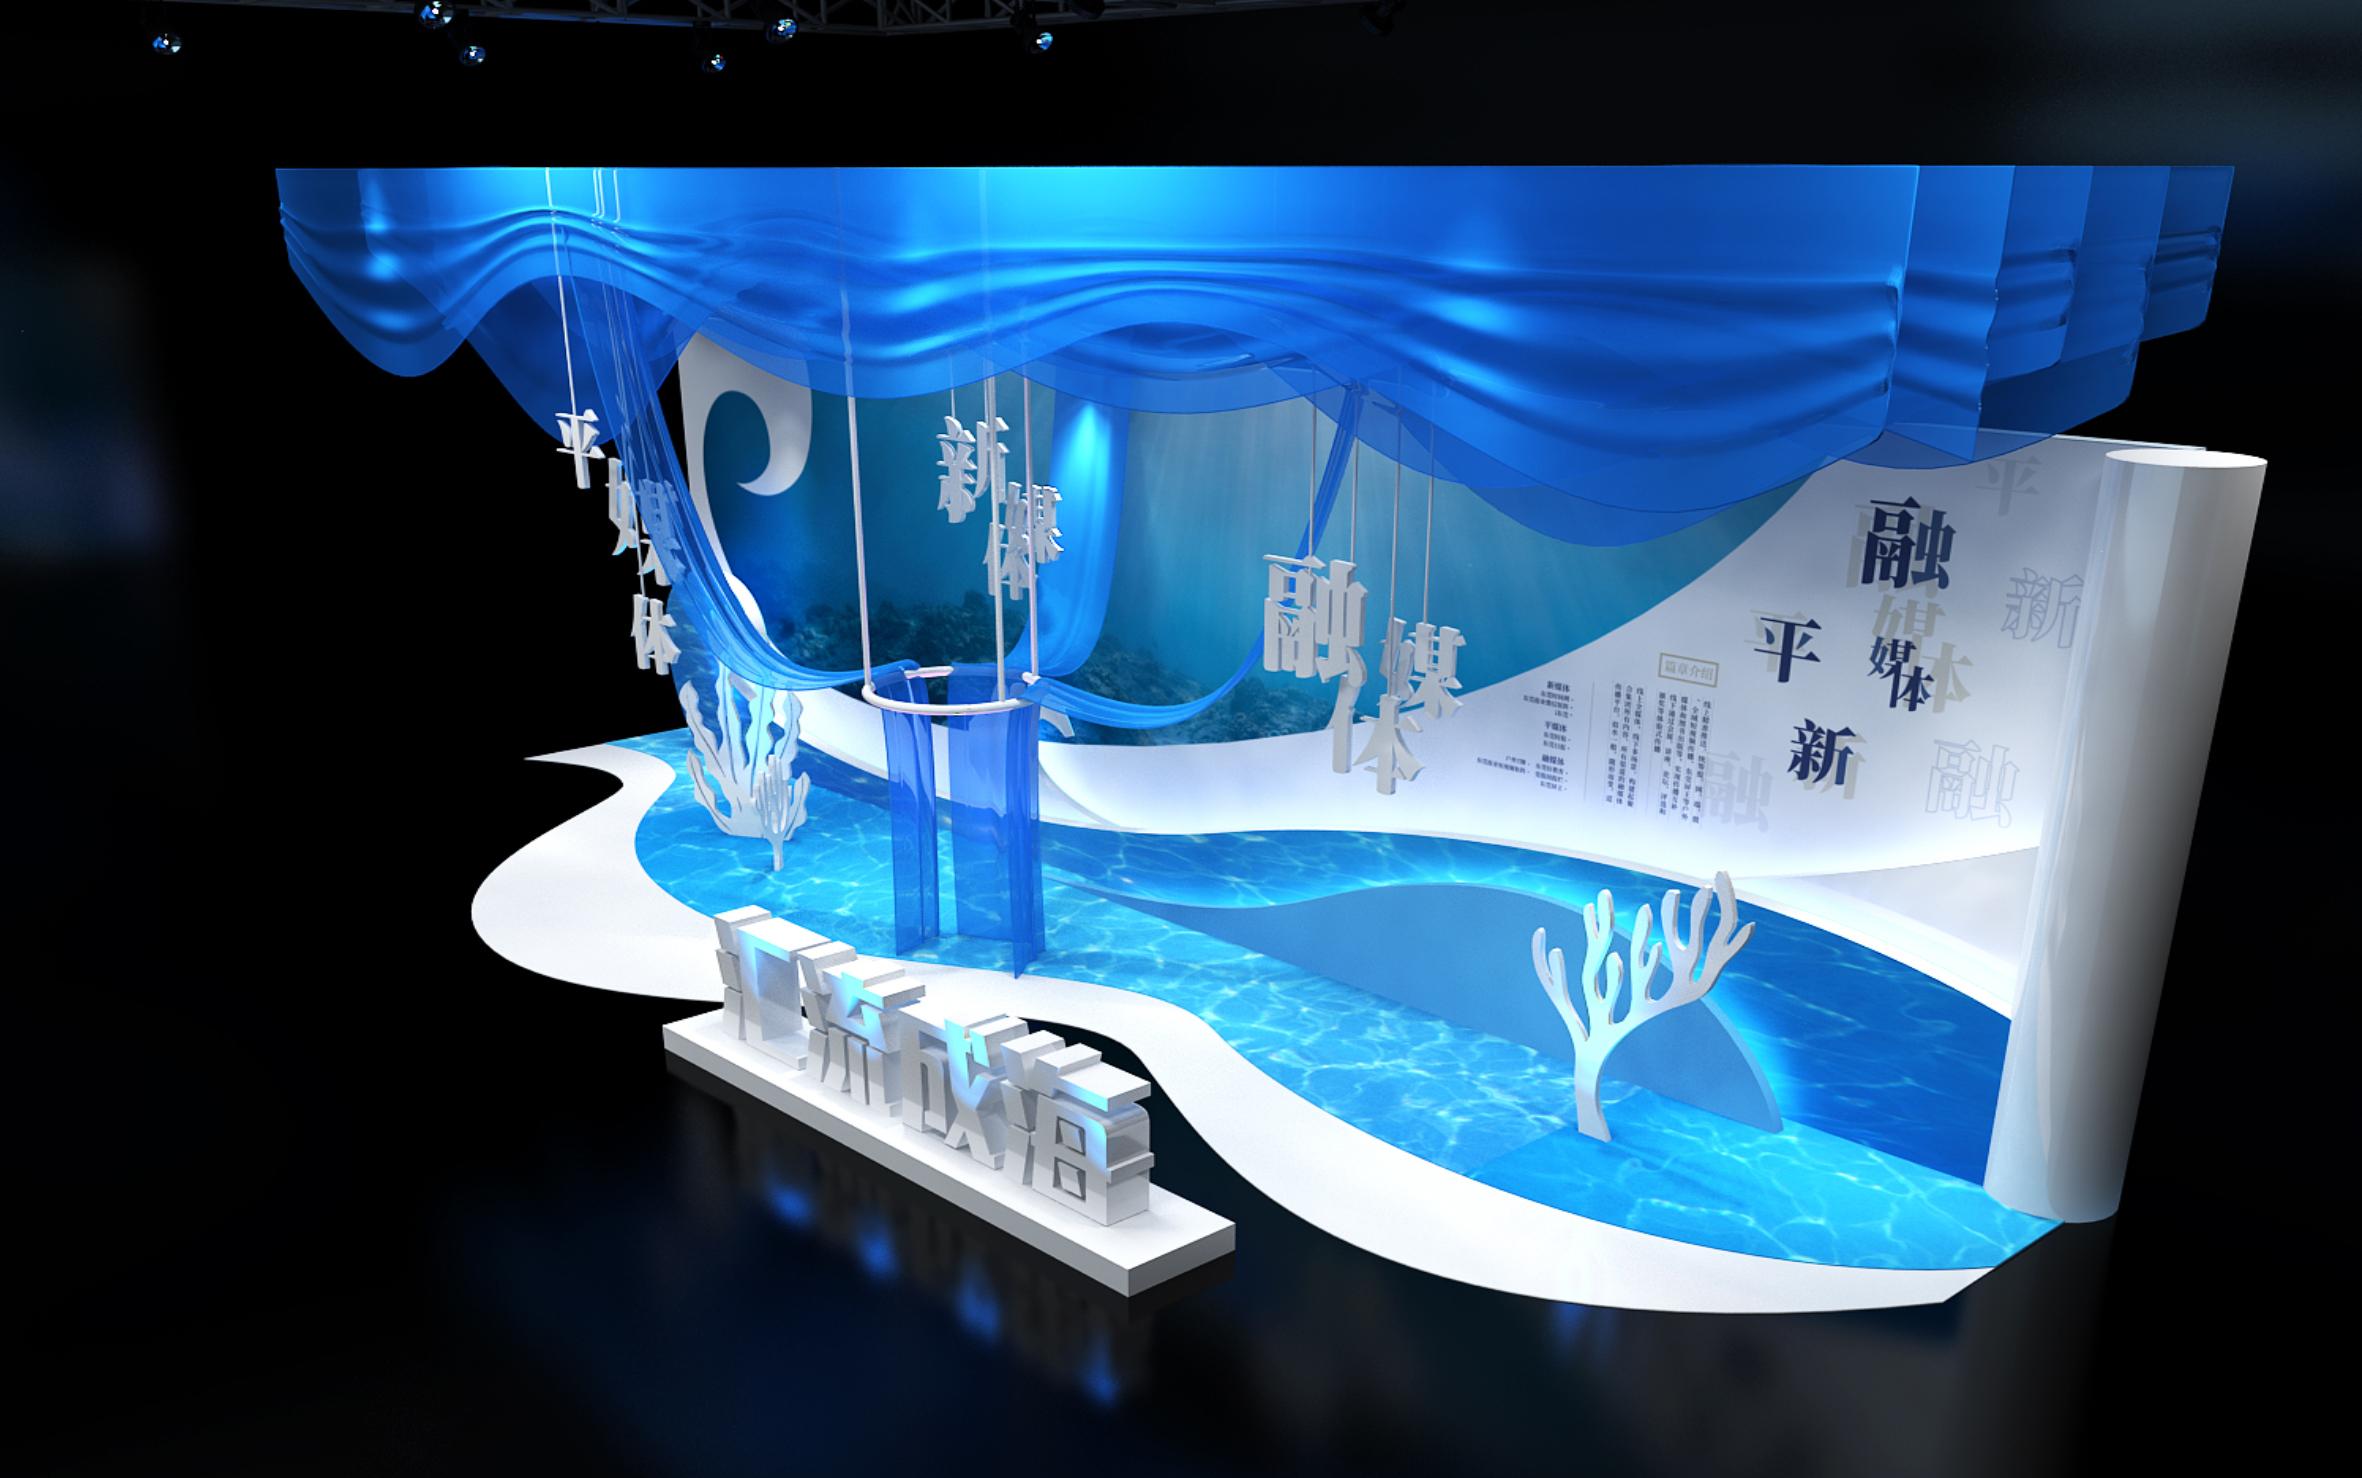 【墨家】室内装修效果图展厅设计连锁加盟店面设计专卖店外观装修